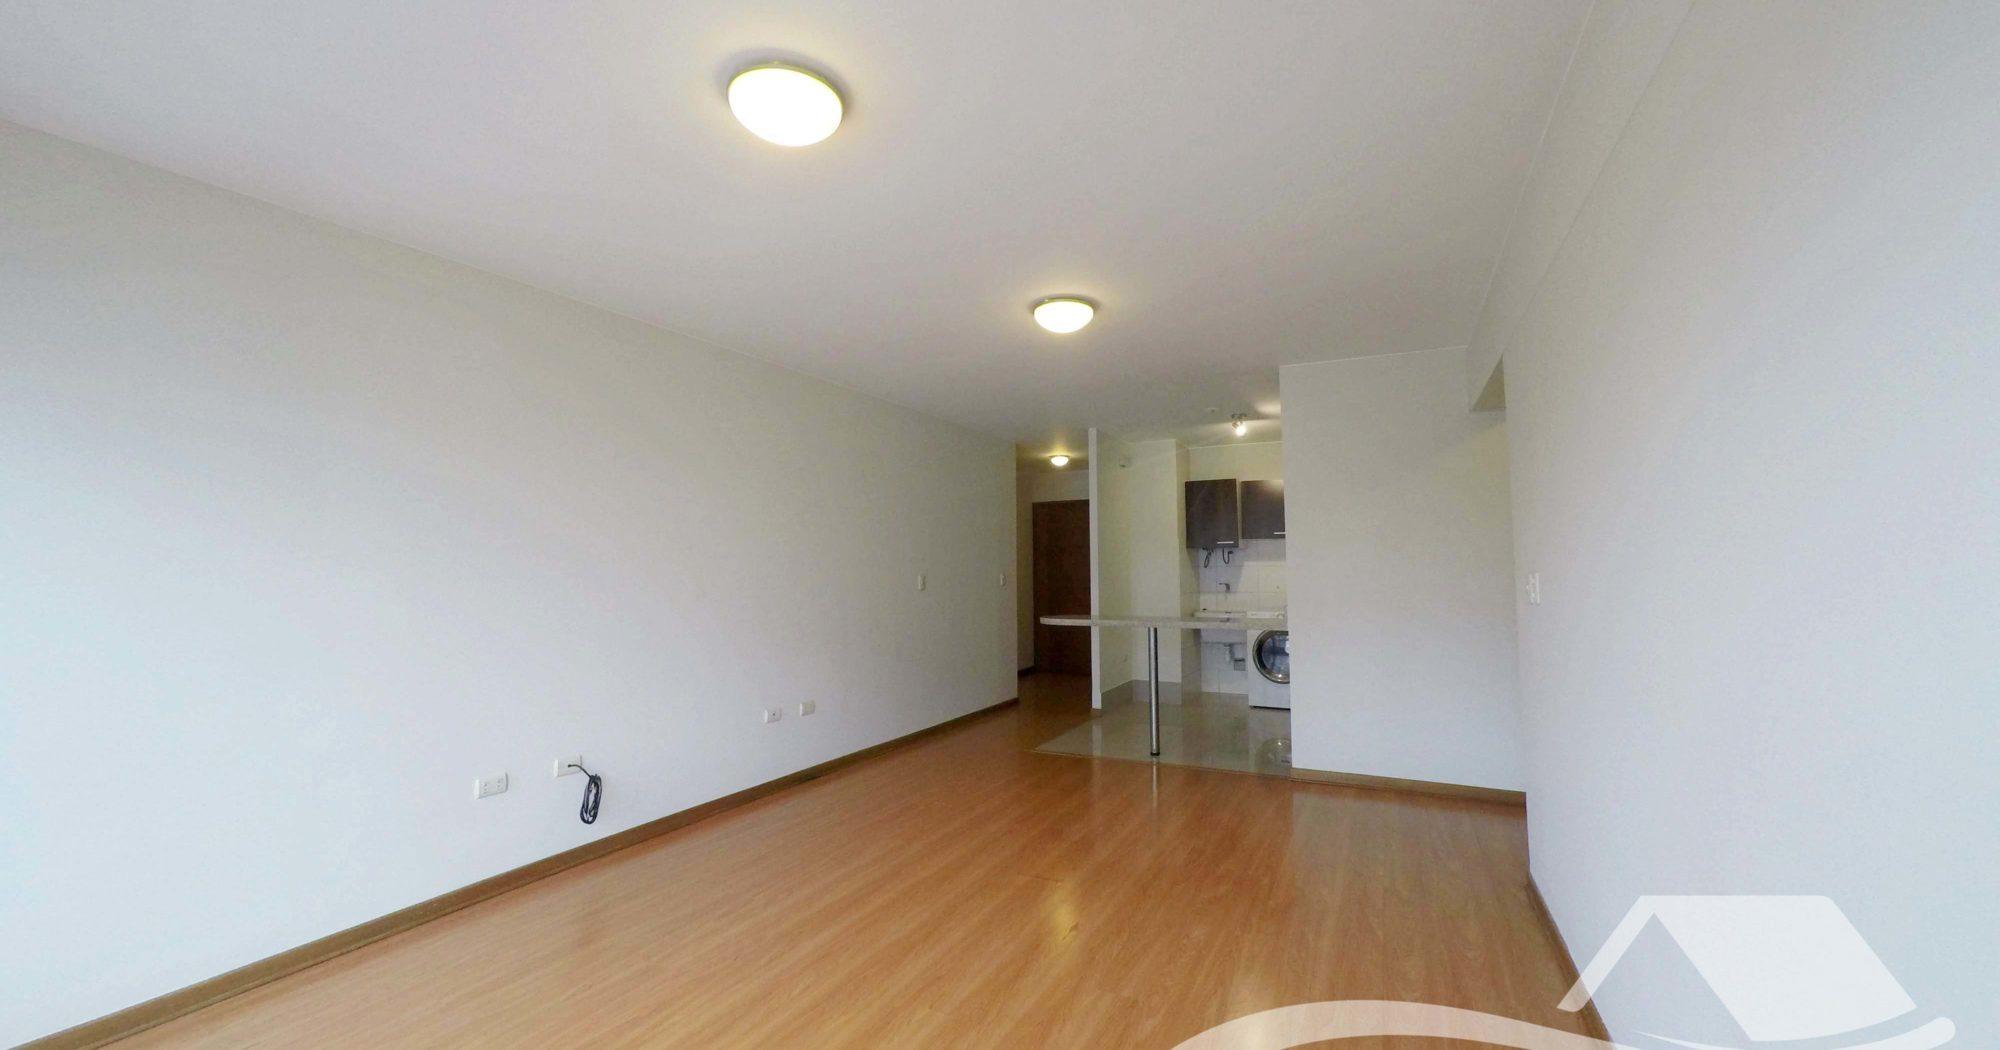 Departamento de 1 habitación mas 1 estudio en Miraflores – MIR177